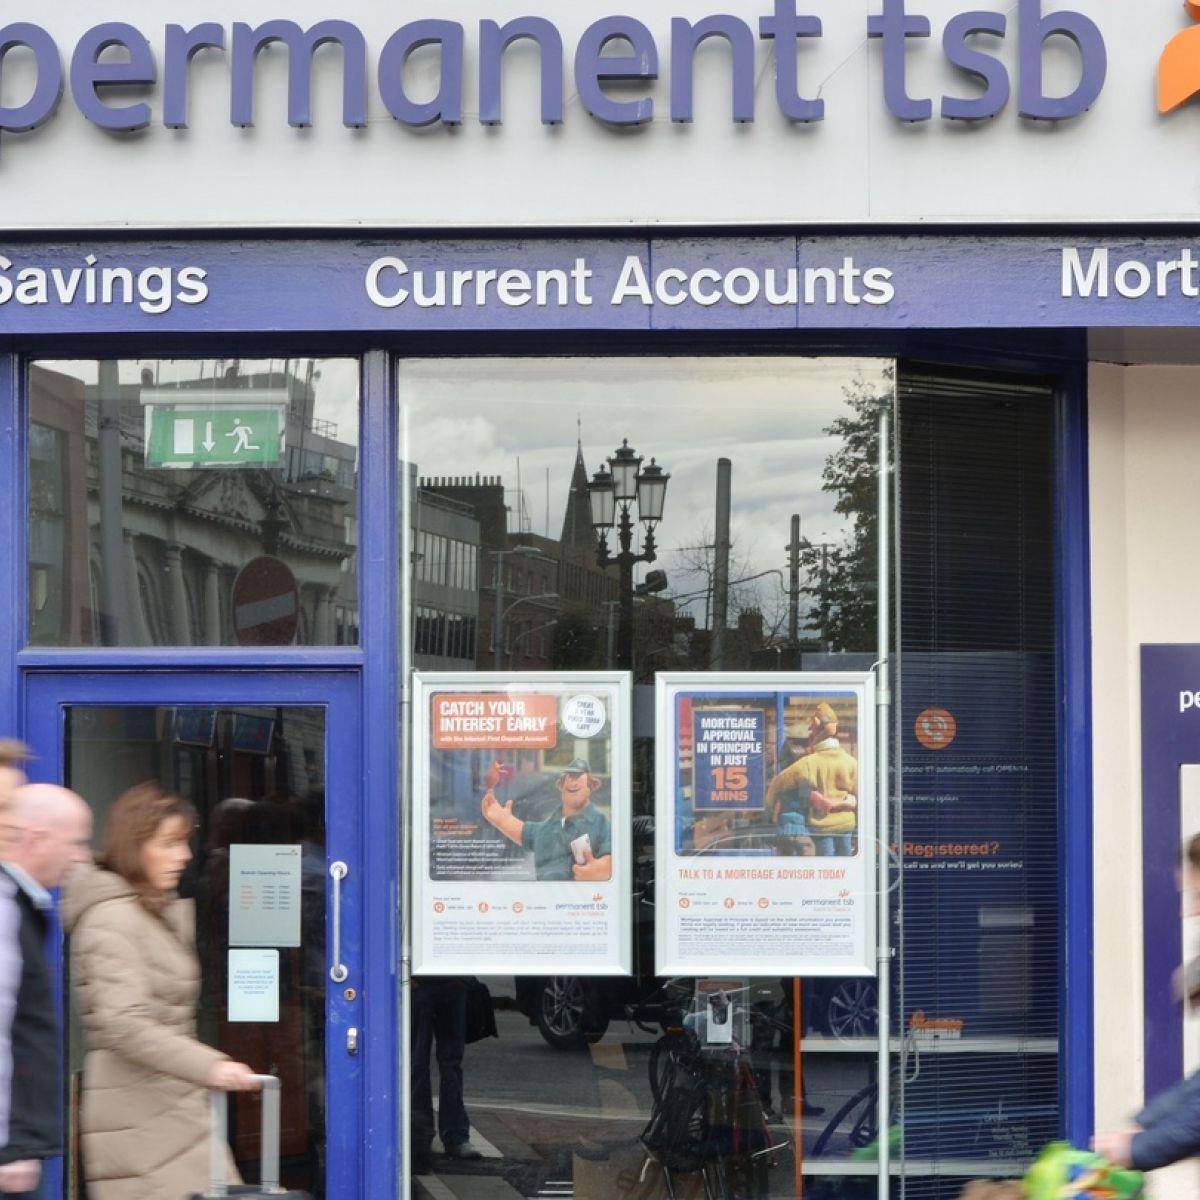 PTSB shares plummet 24% as bad loans weigh down